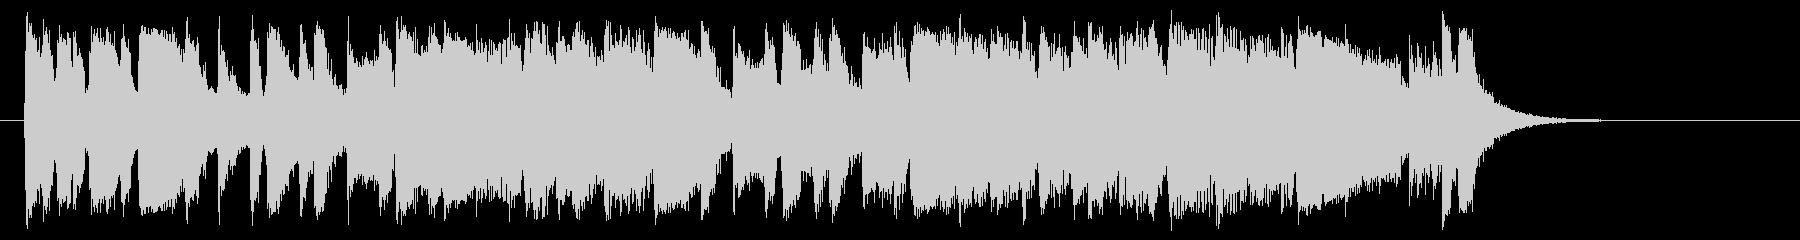 元気なアップテンポのシンセサイザー曲の未再生の波形